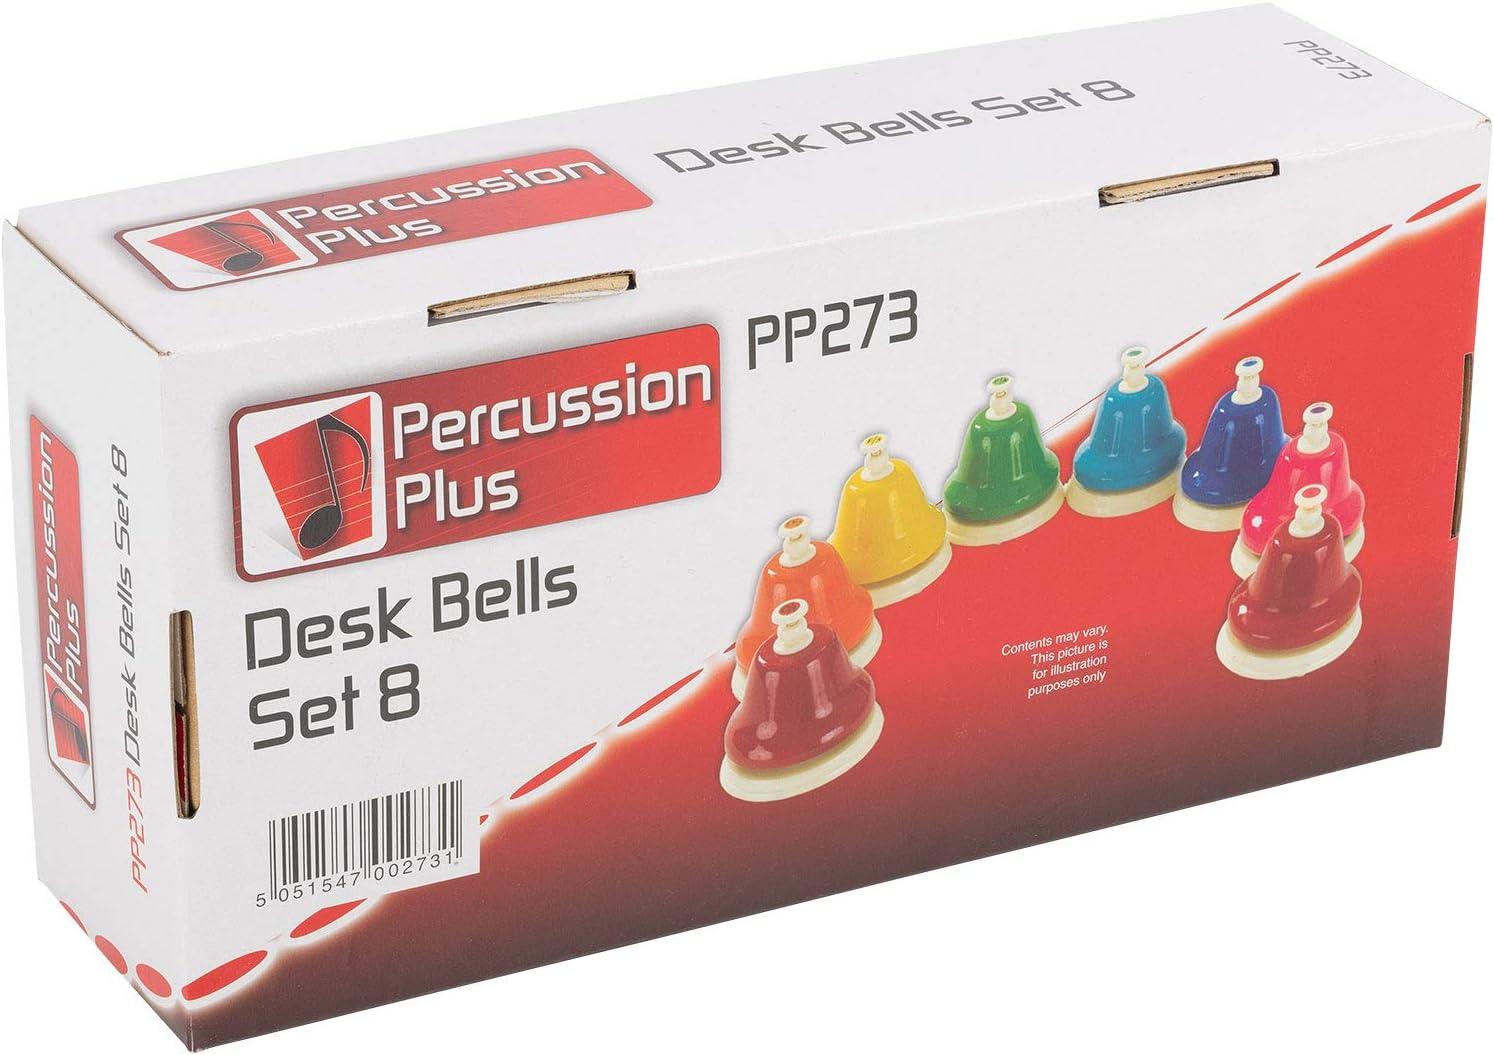 PP273 8-note Desk Bell Set